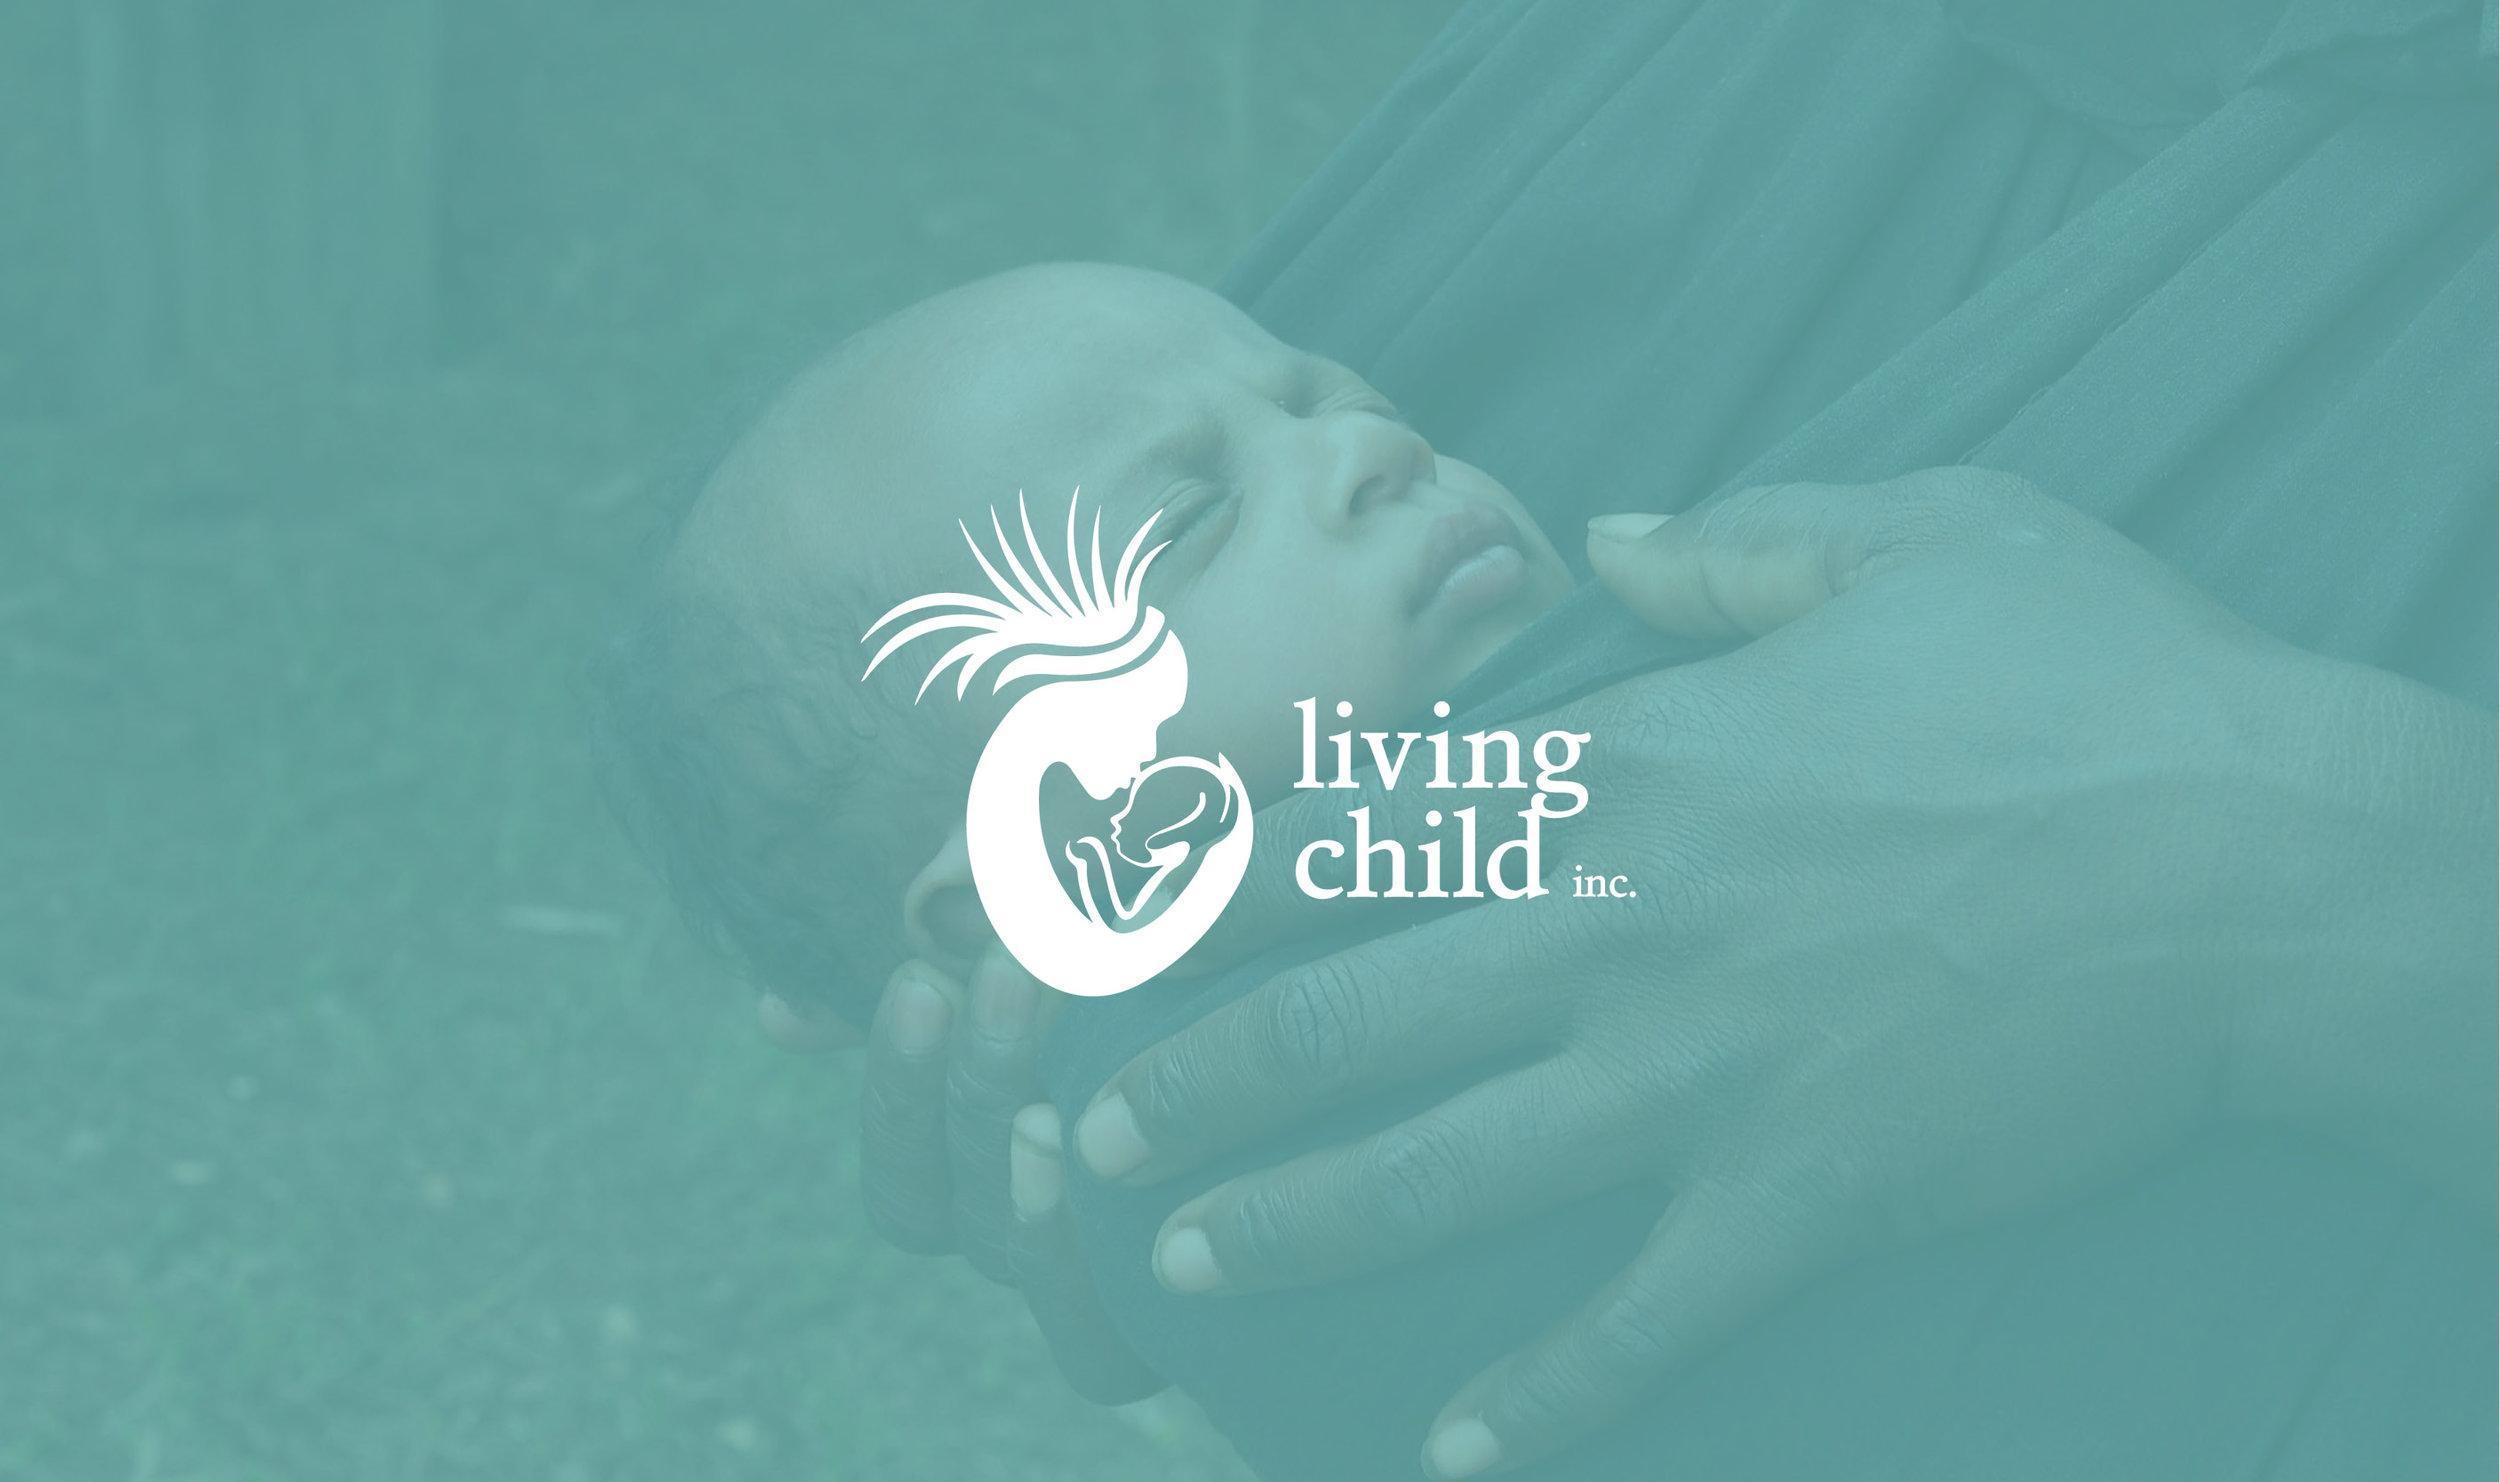 Living Child.jpg